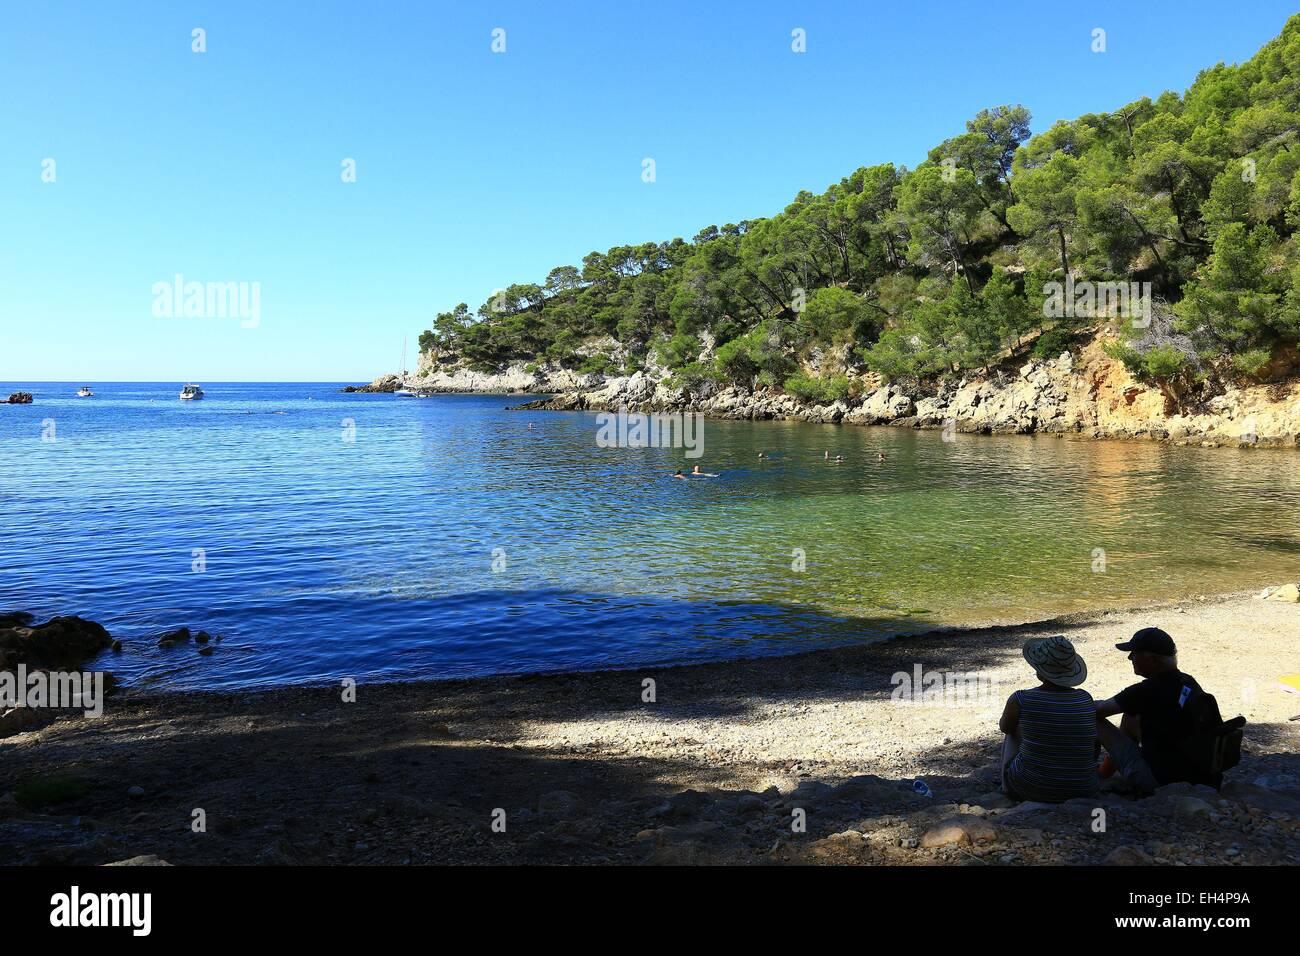 Saint cyr sur mer stock photos saint cyr sur mer stock images alamy - Camping port d alon saint cyr sur mer ...